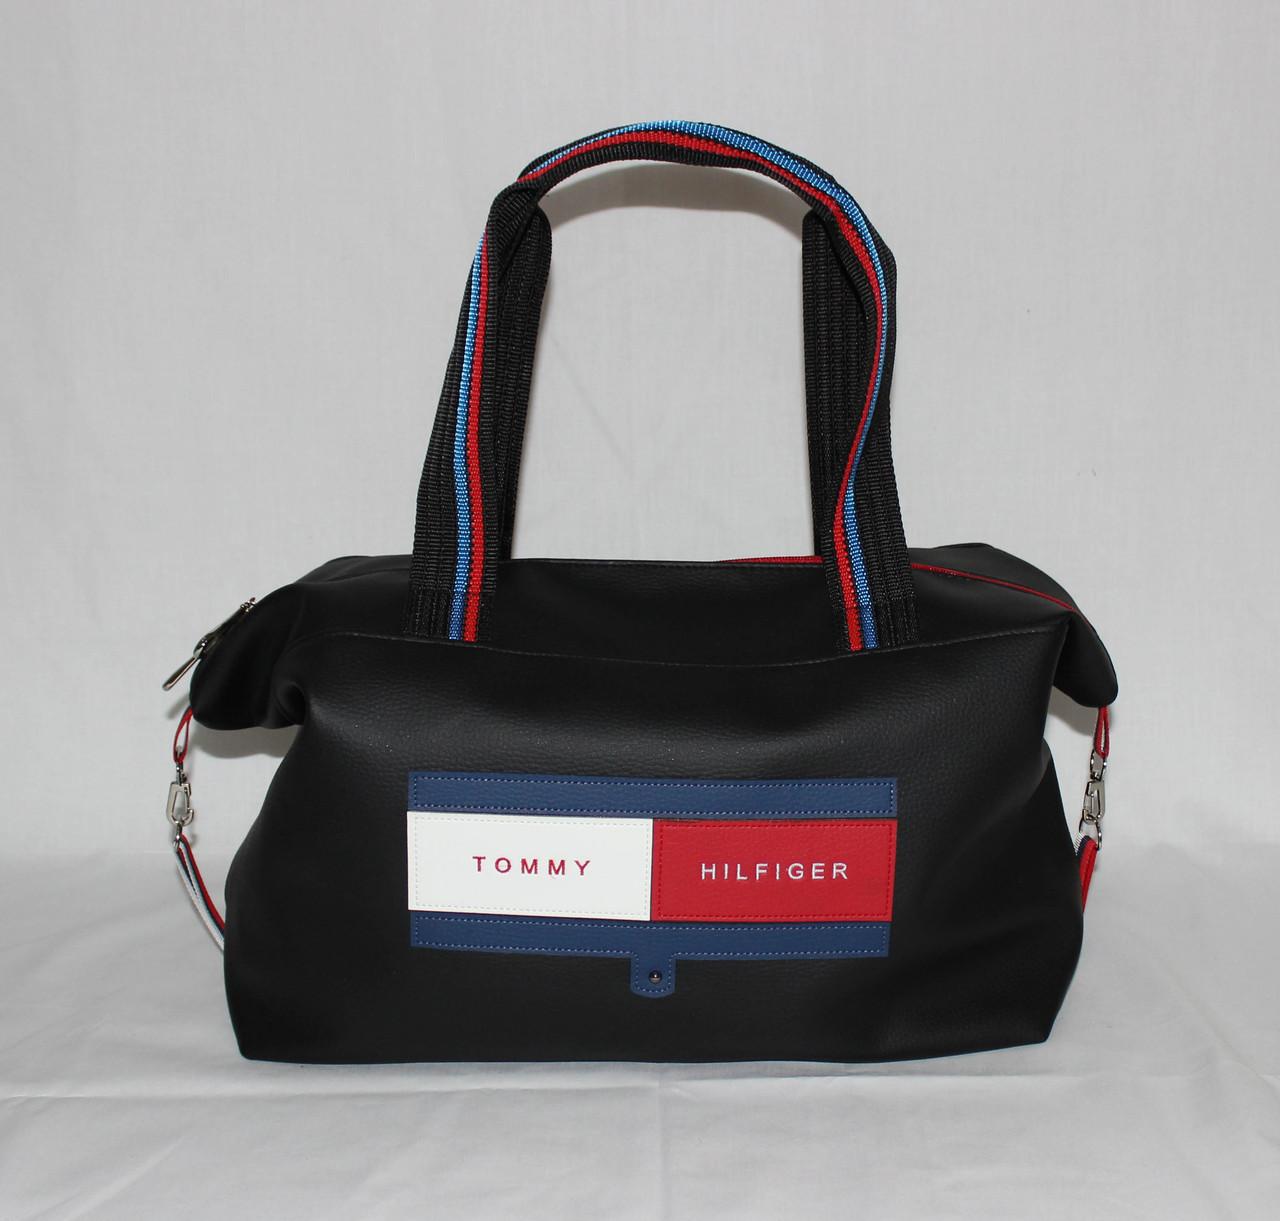 36e96dc8725f Магазин спортивных сумок томми хилфигер Tommy Hilfiger - Медицинская  одежда, Мужская и Женская одежда,